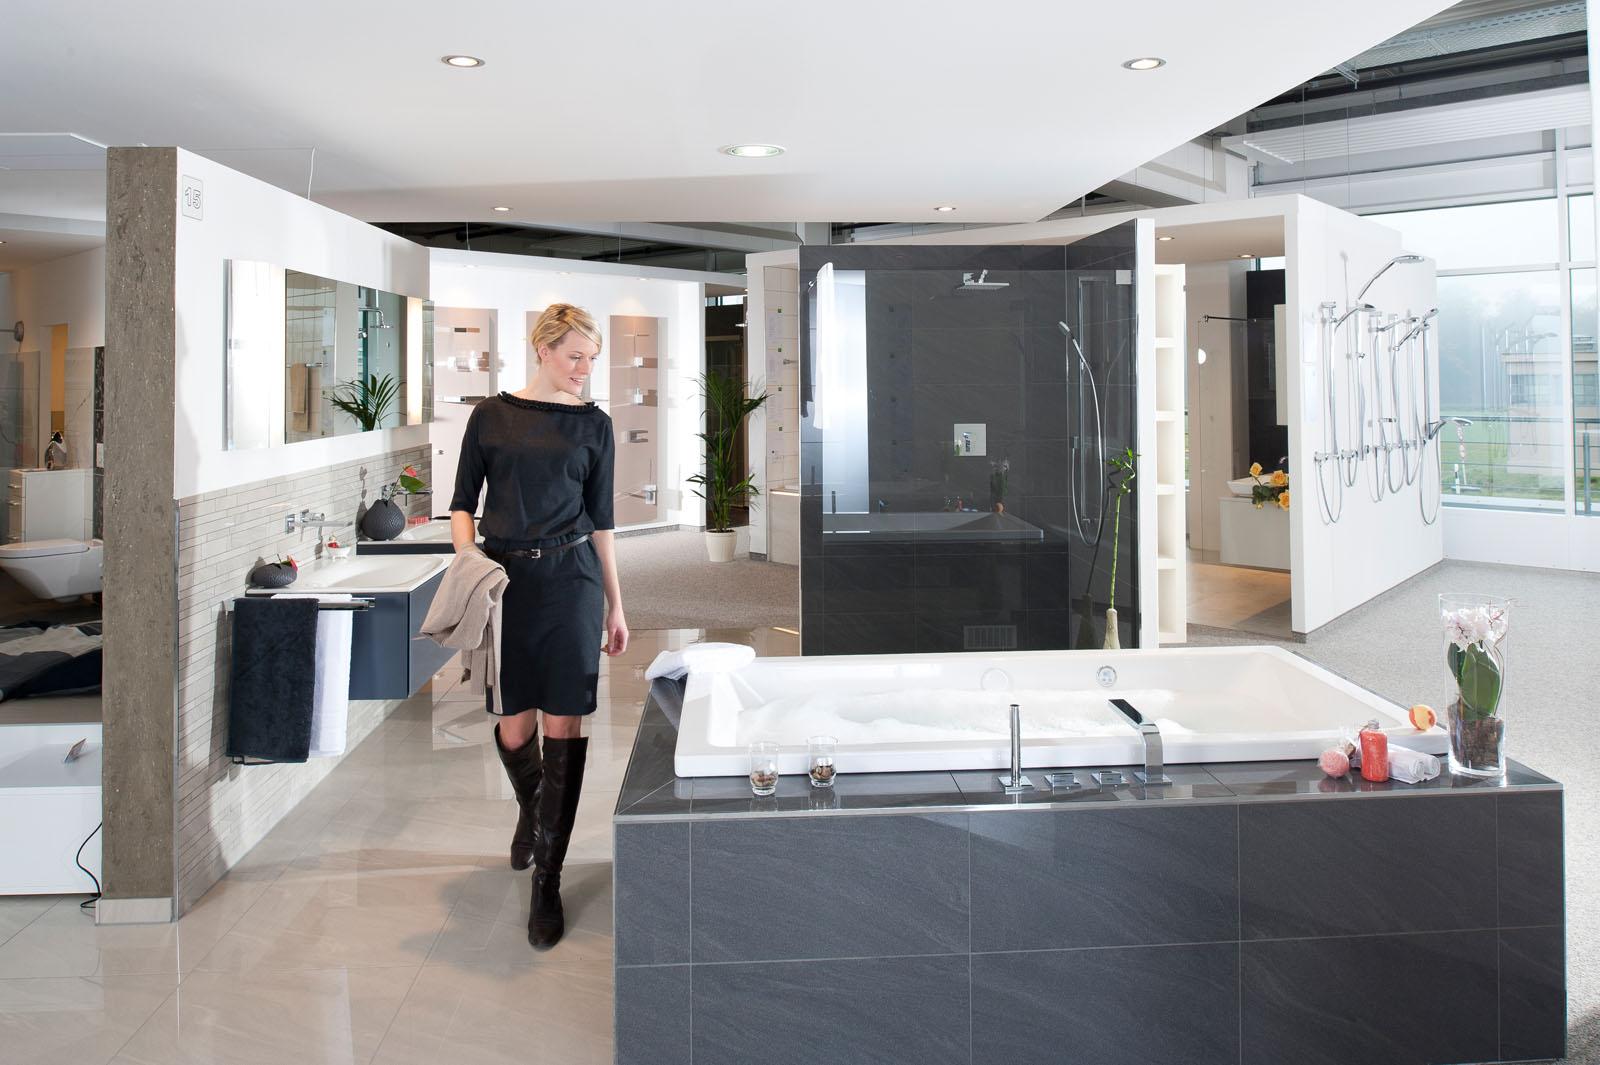 0149 - Reisser: Ein Blick in Süddeutschlands große Badausstellungen